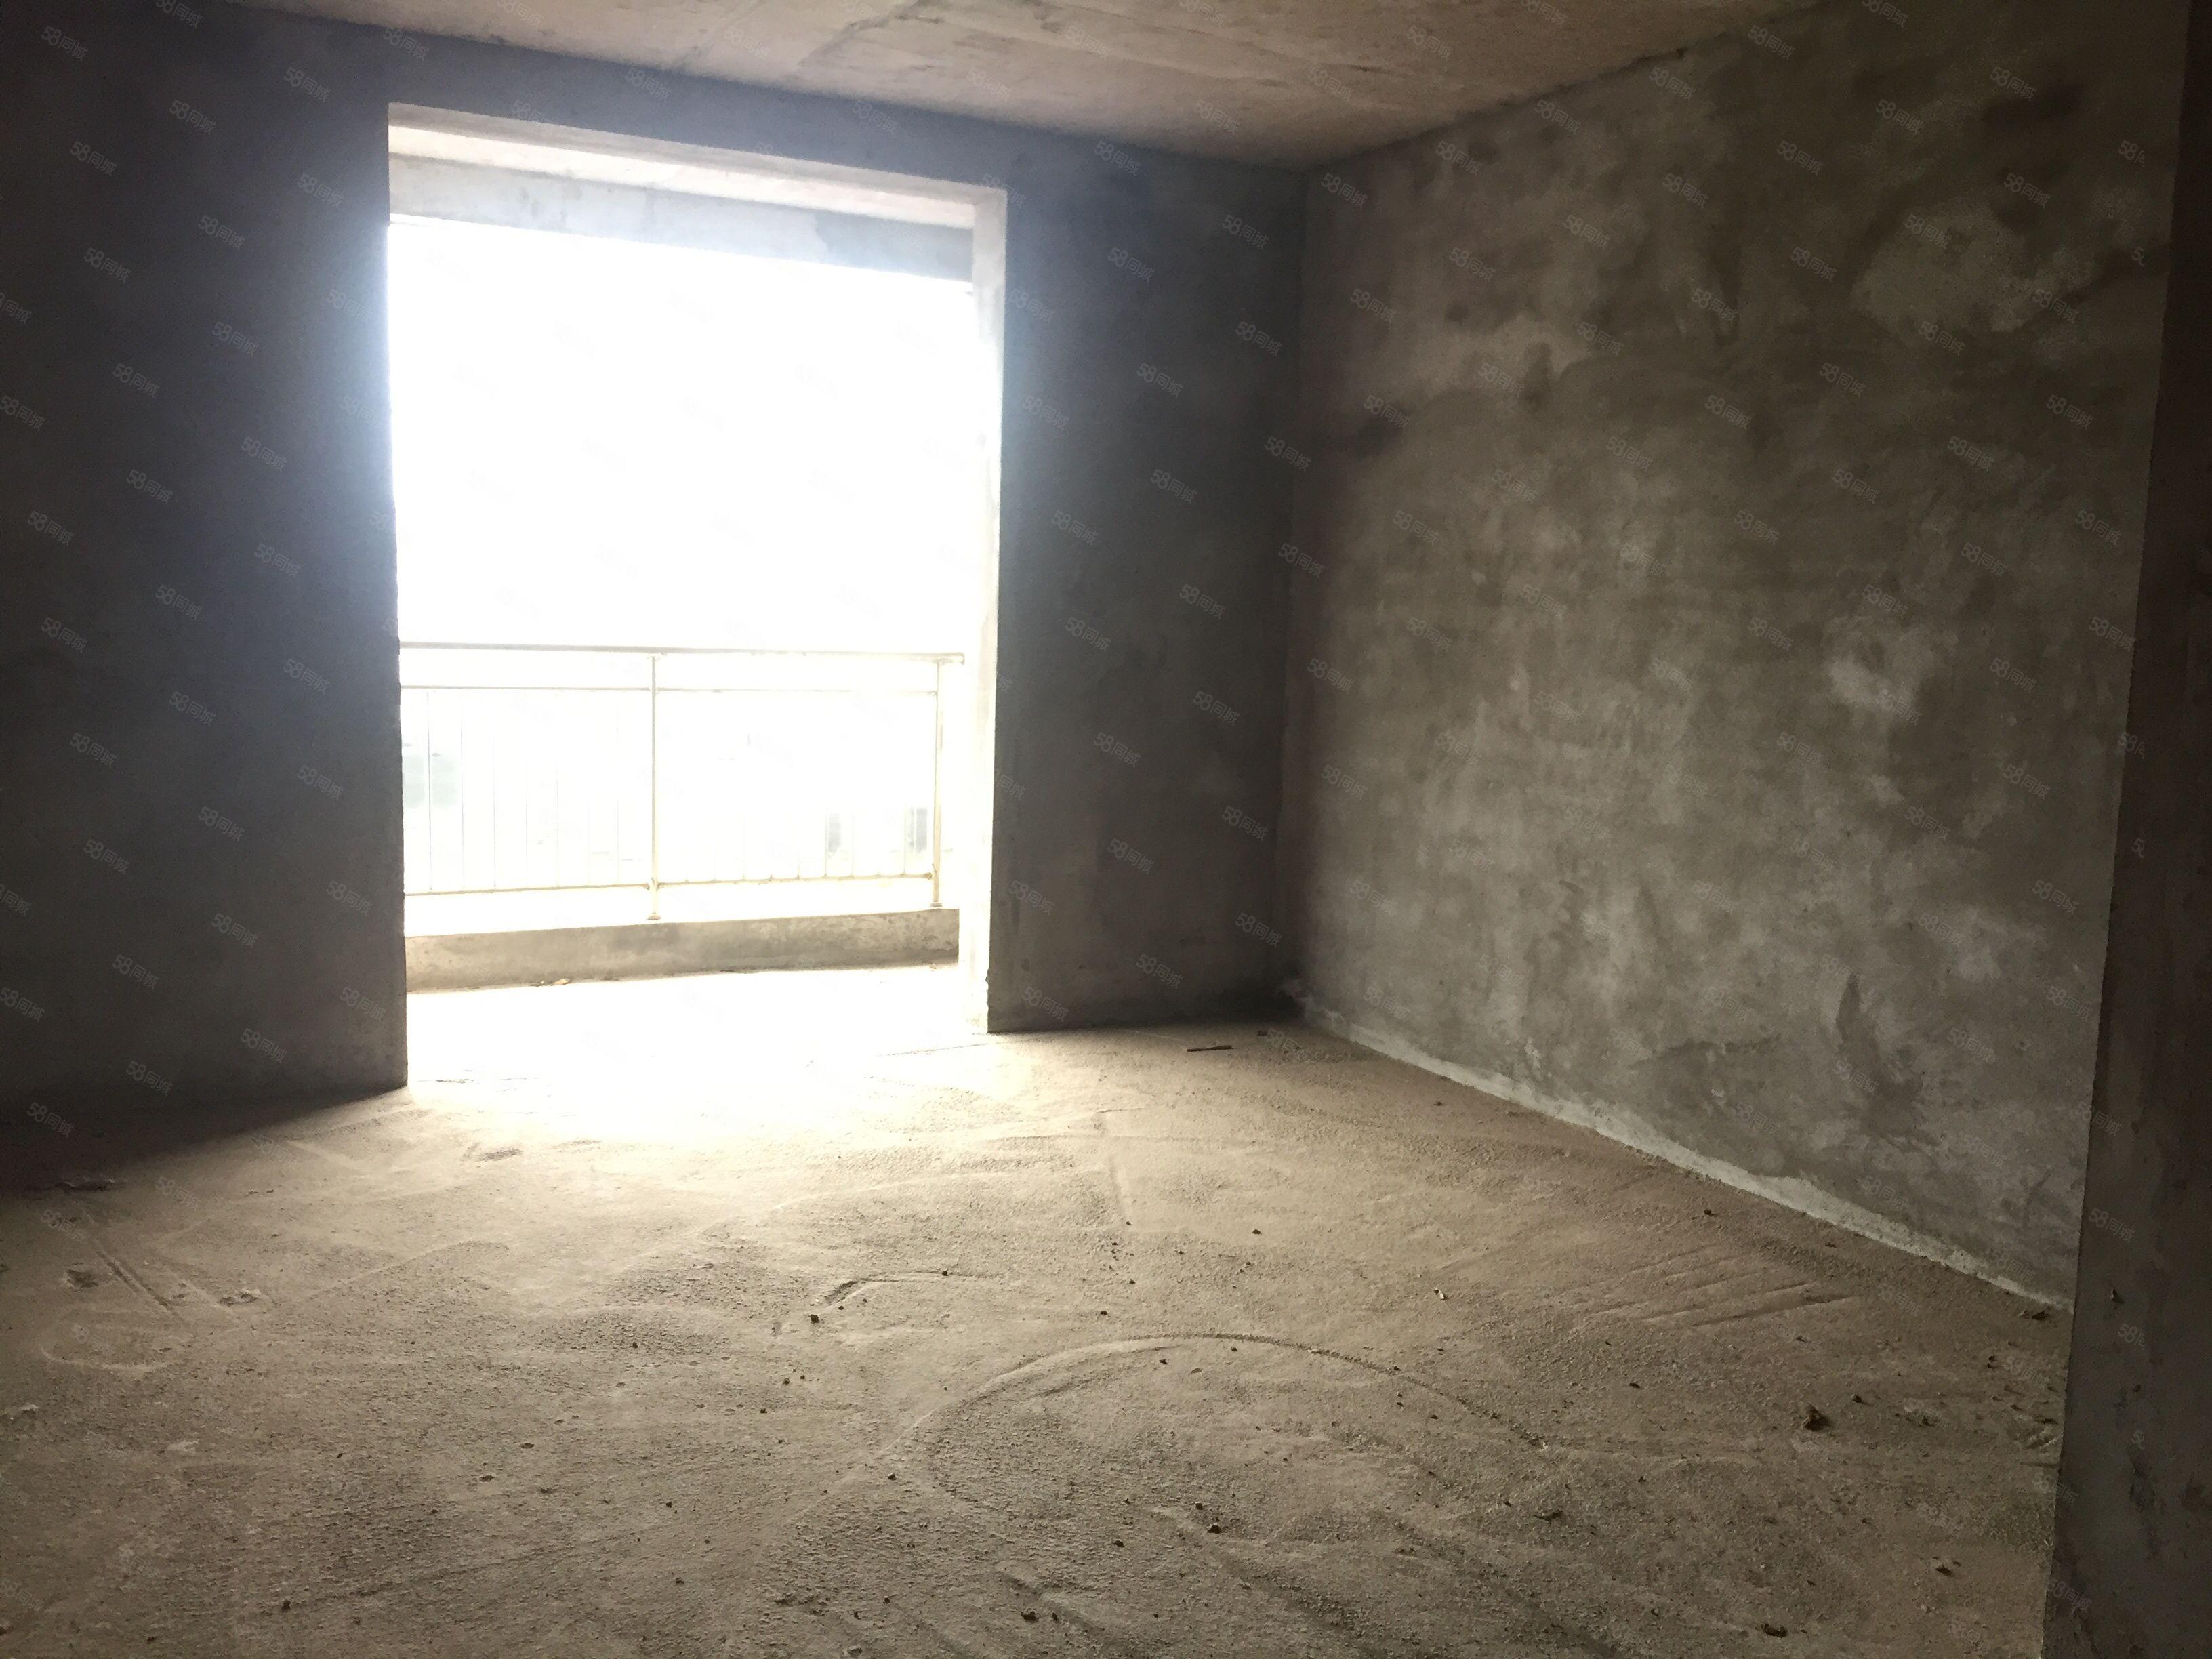 孤版现浇房4房仅售38.8万全城仅有一套中间楼层